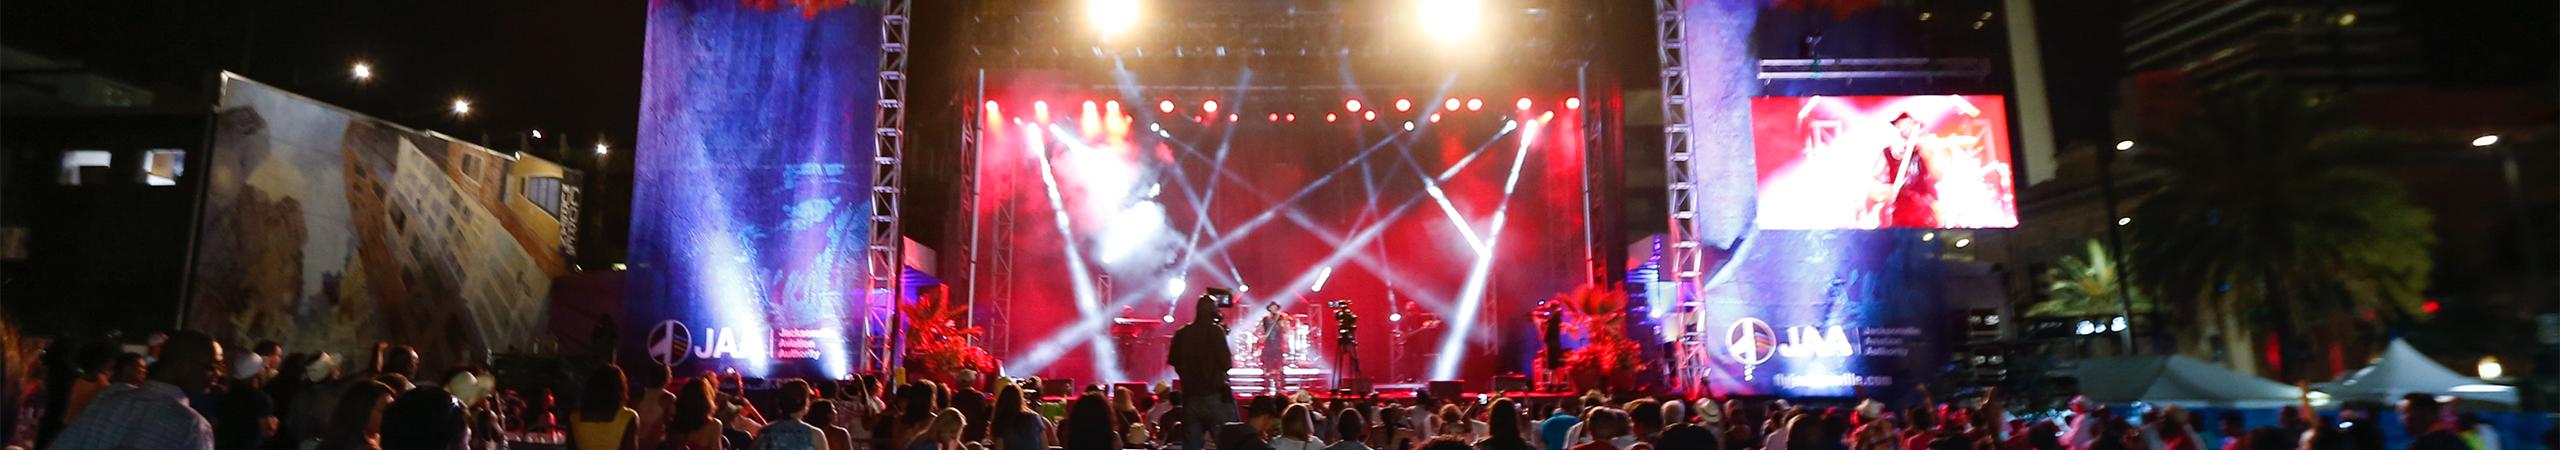 Jacksonville Jazz Fest 2017